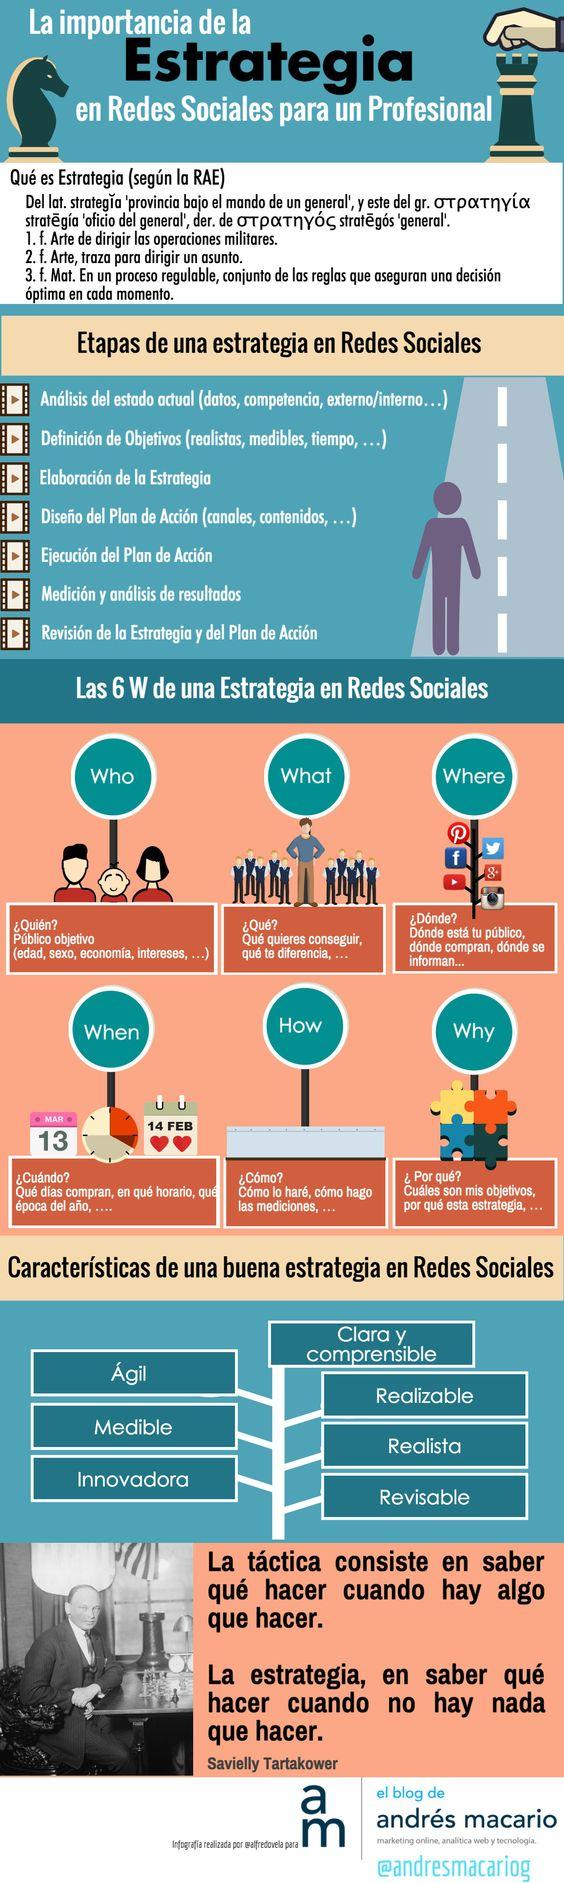 Redes Sociales: la importancia de la Estrategia #infografia